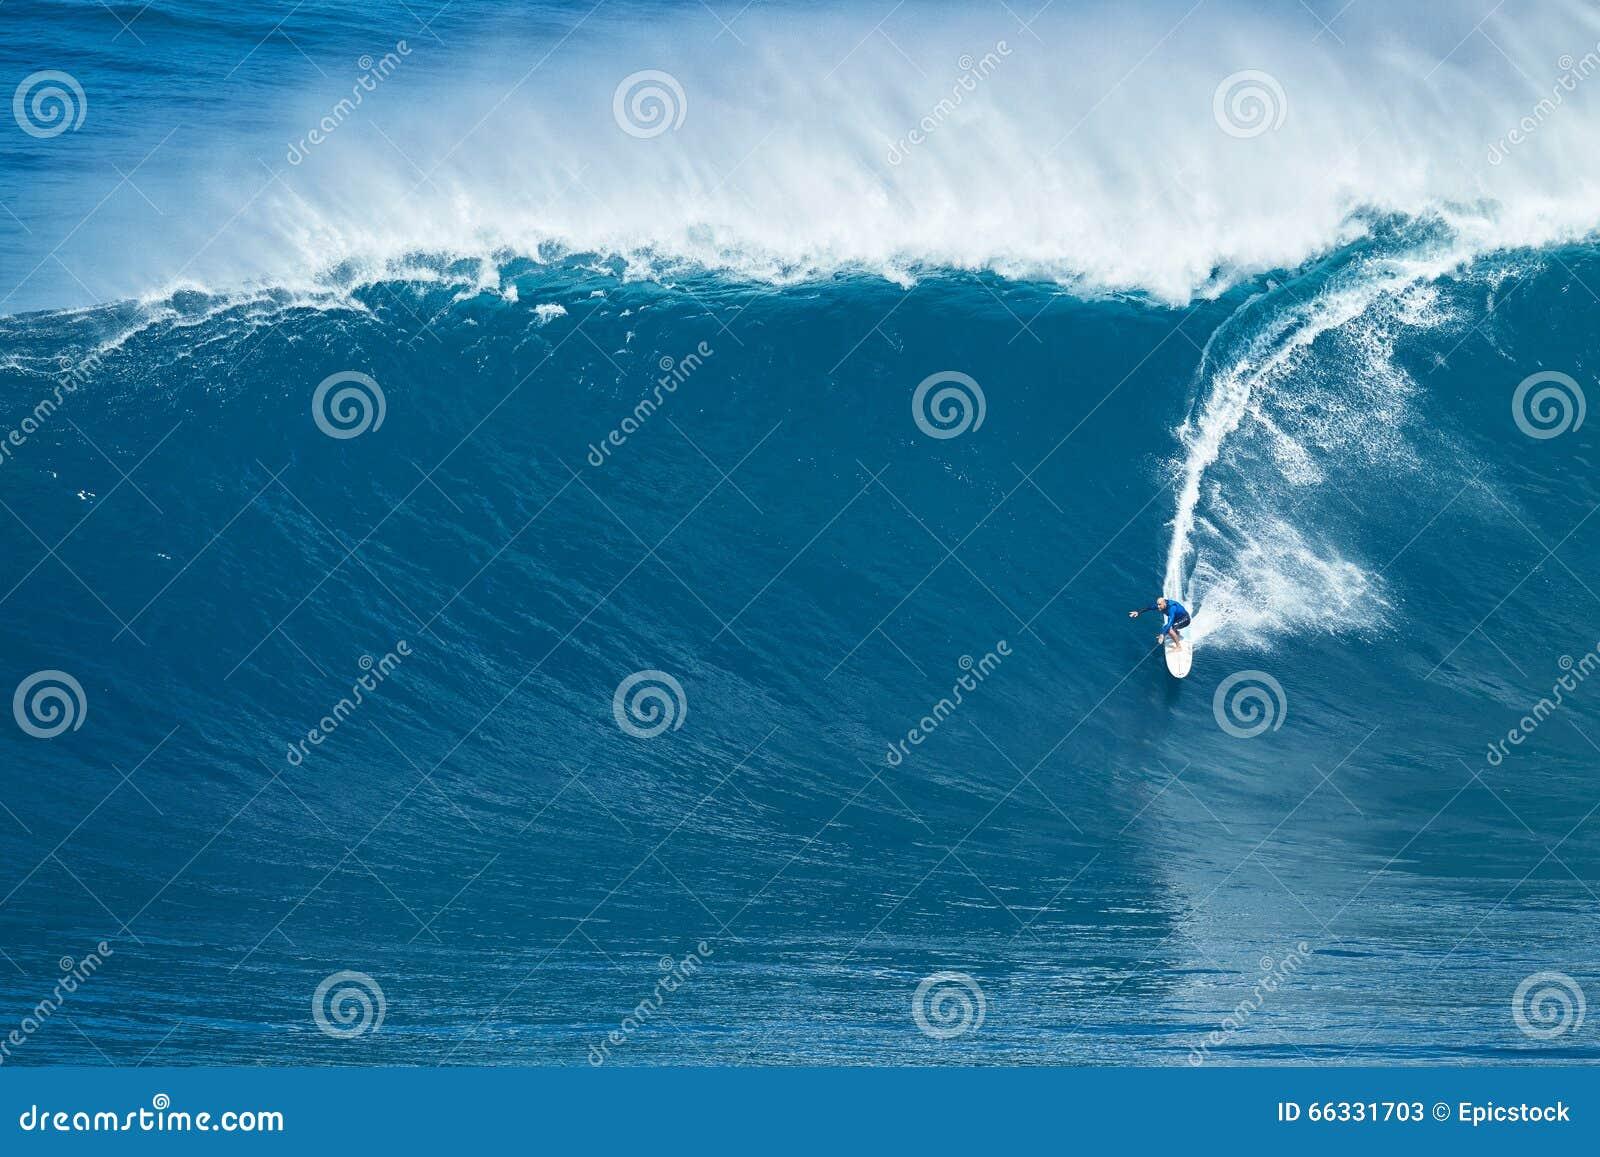 La persona que practica surf monta la onda gigante en los mandíbulas